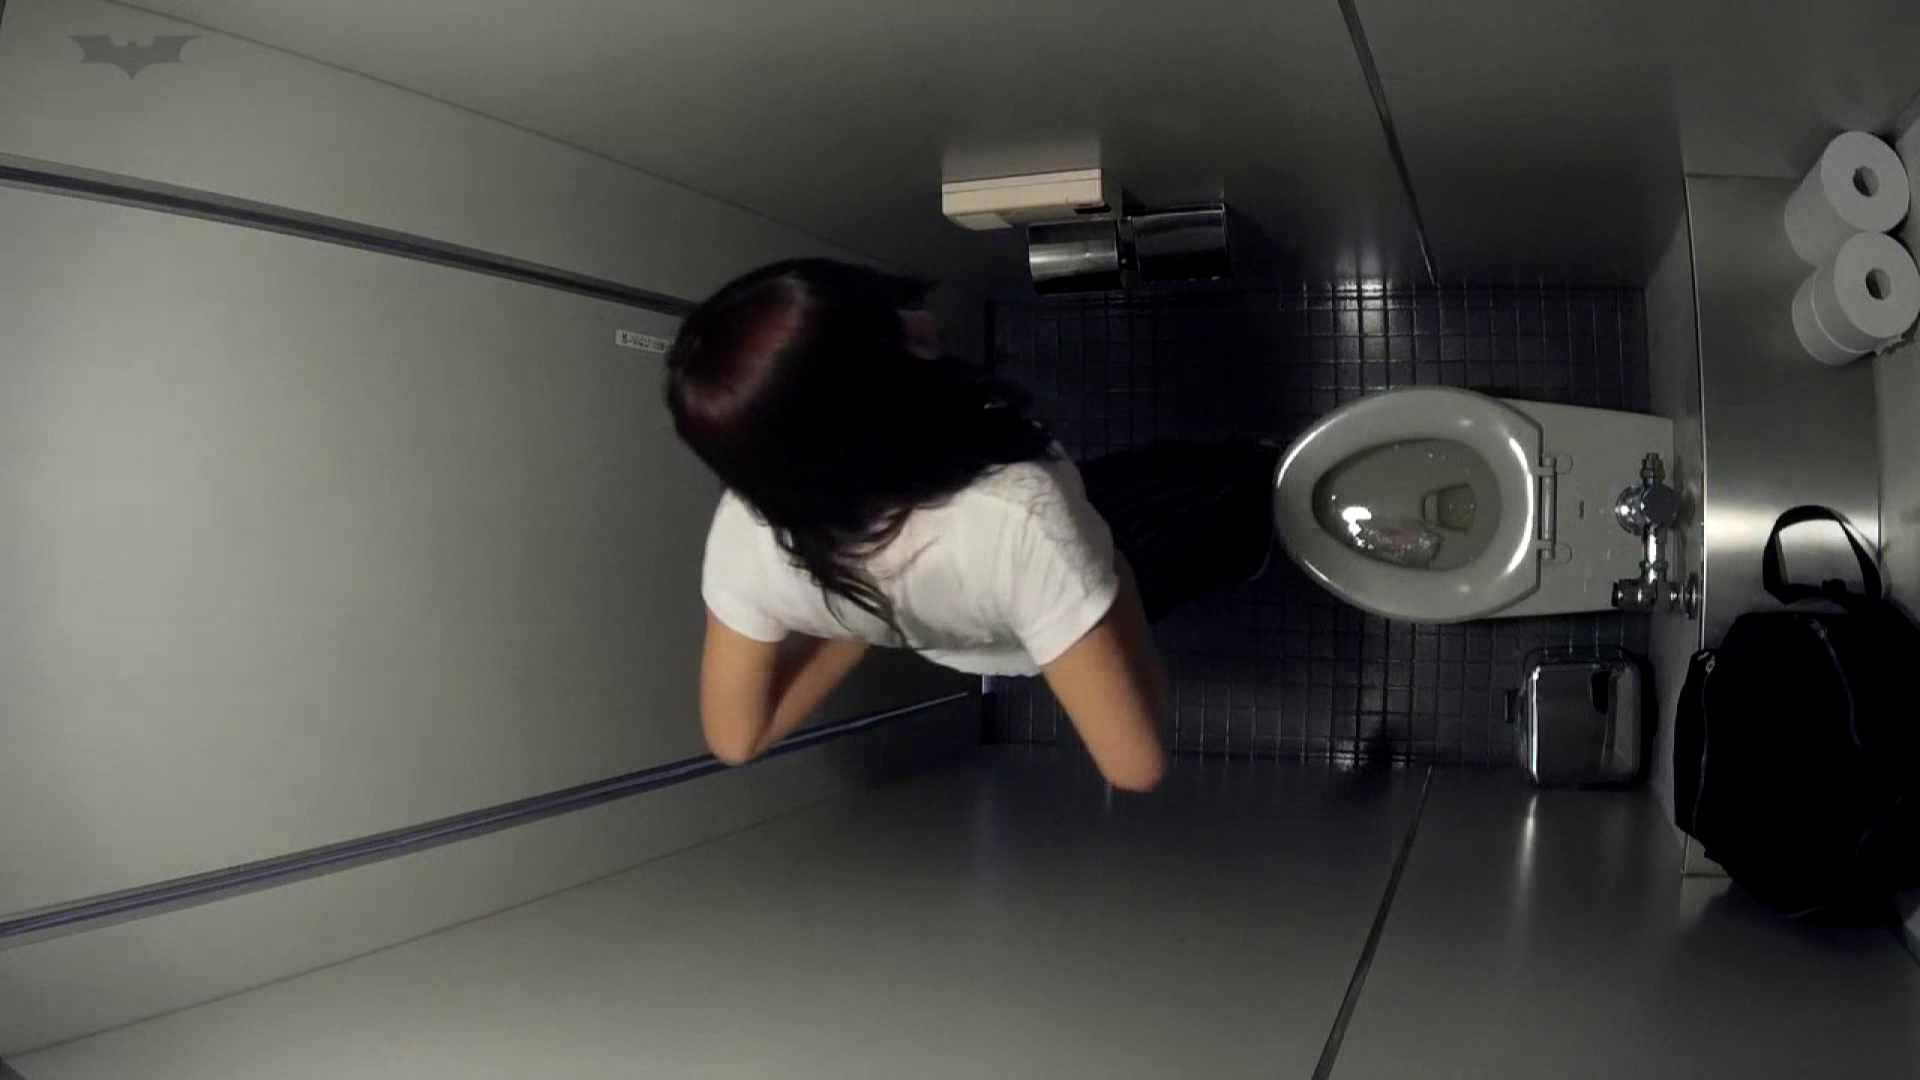 有名大学女性洗面所 vol.45 冴え渡る多方向撮影!職人技です。 洗面所のぞき  101枚 9